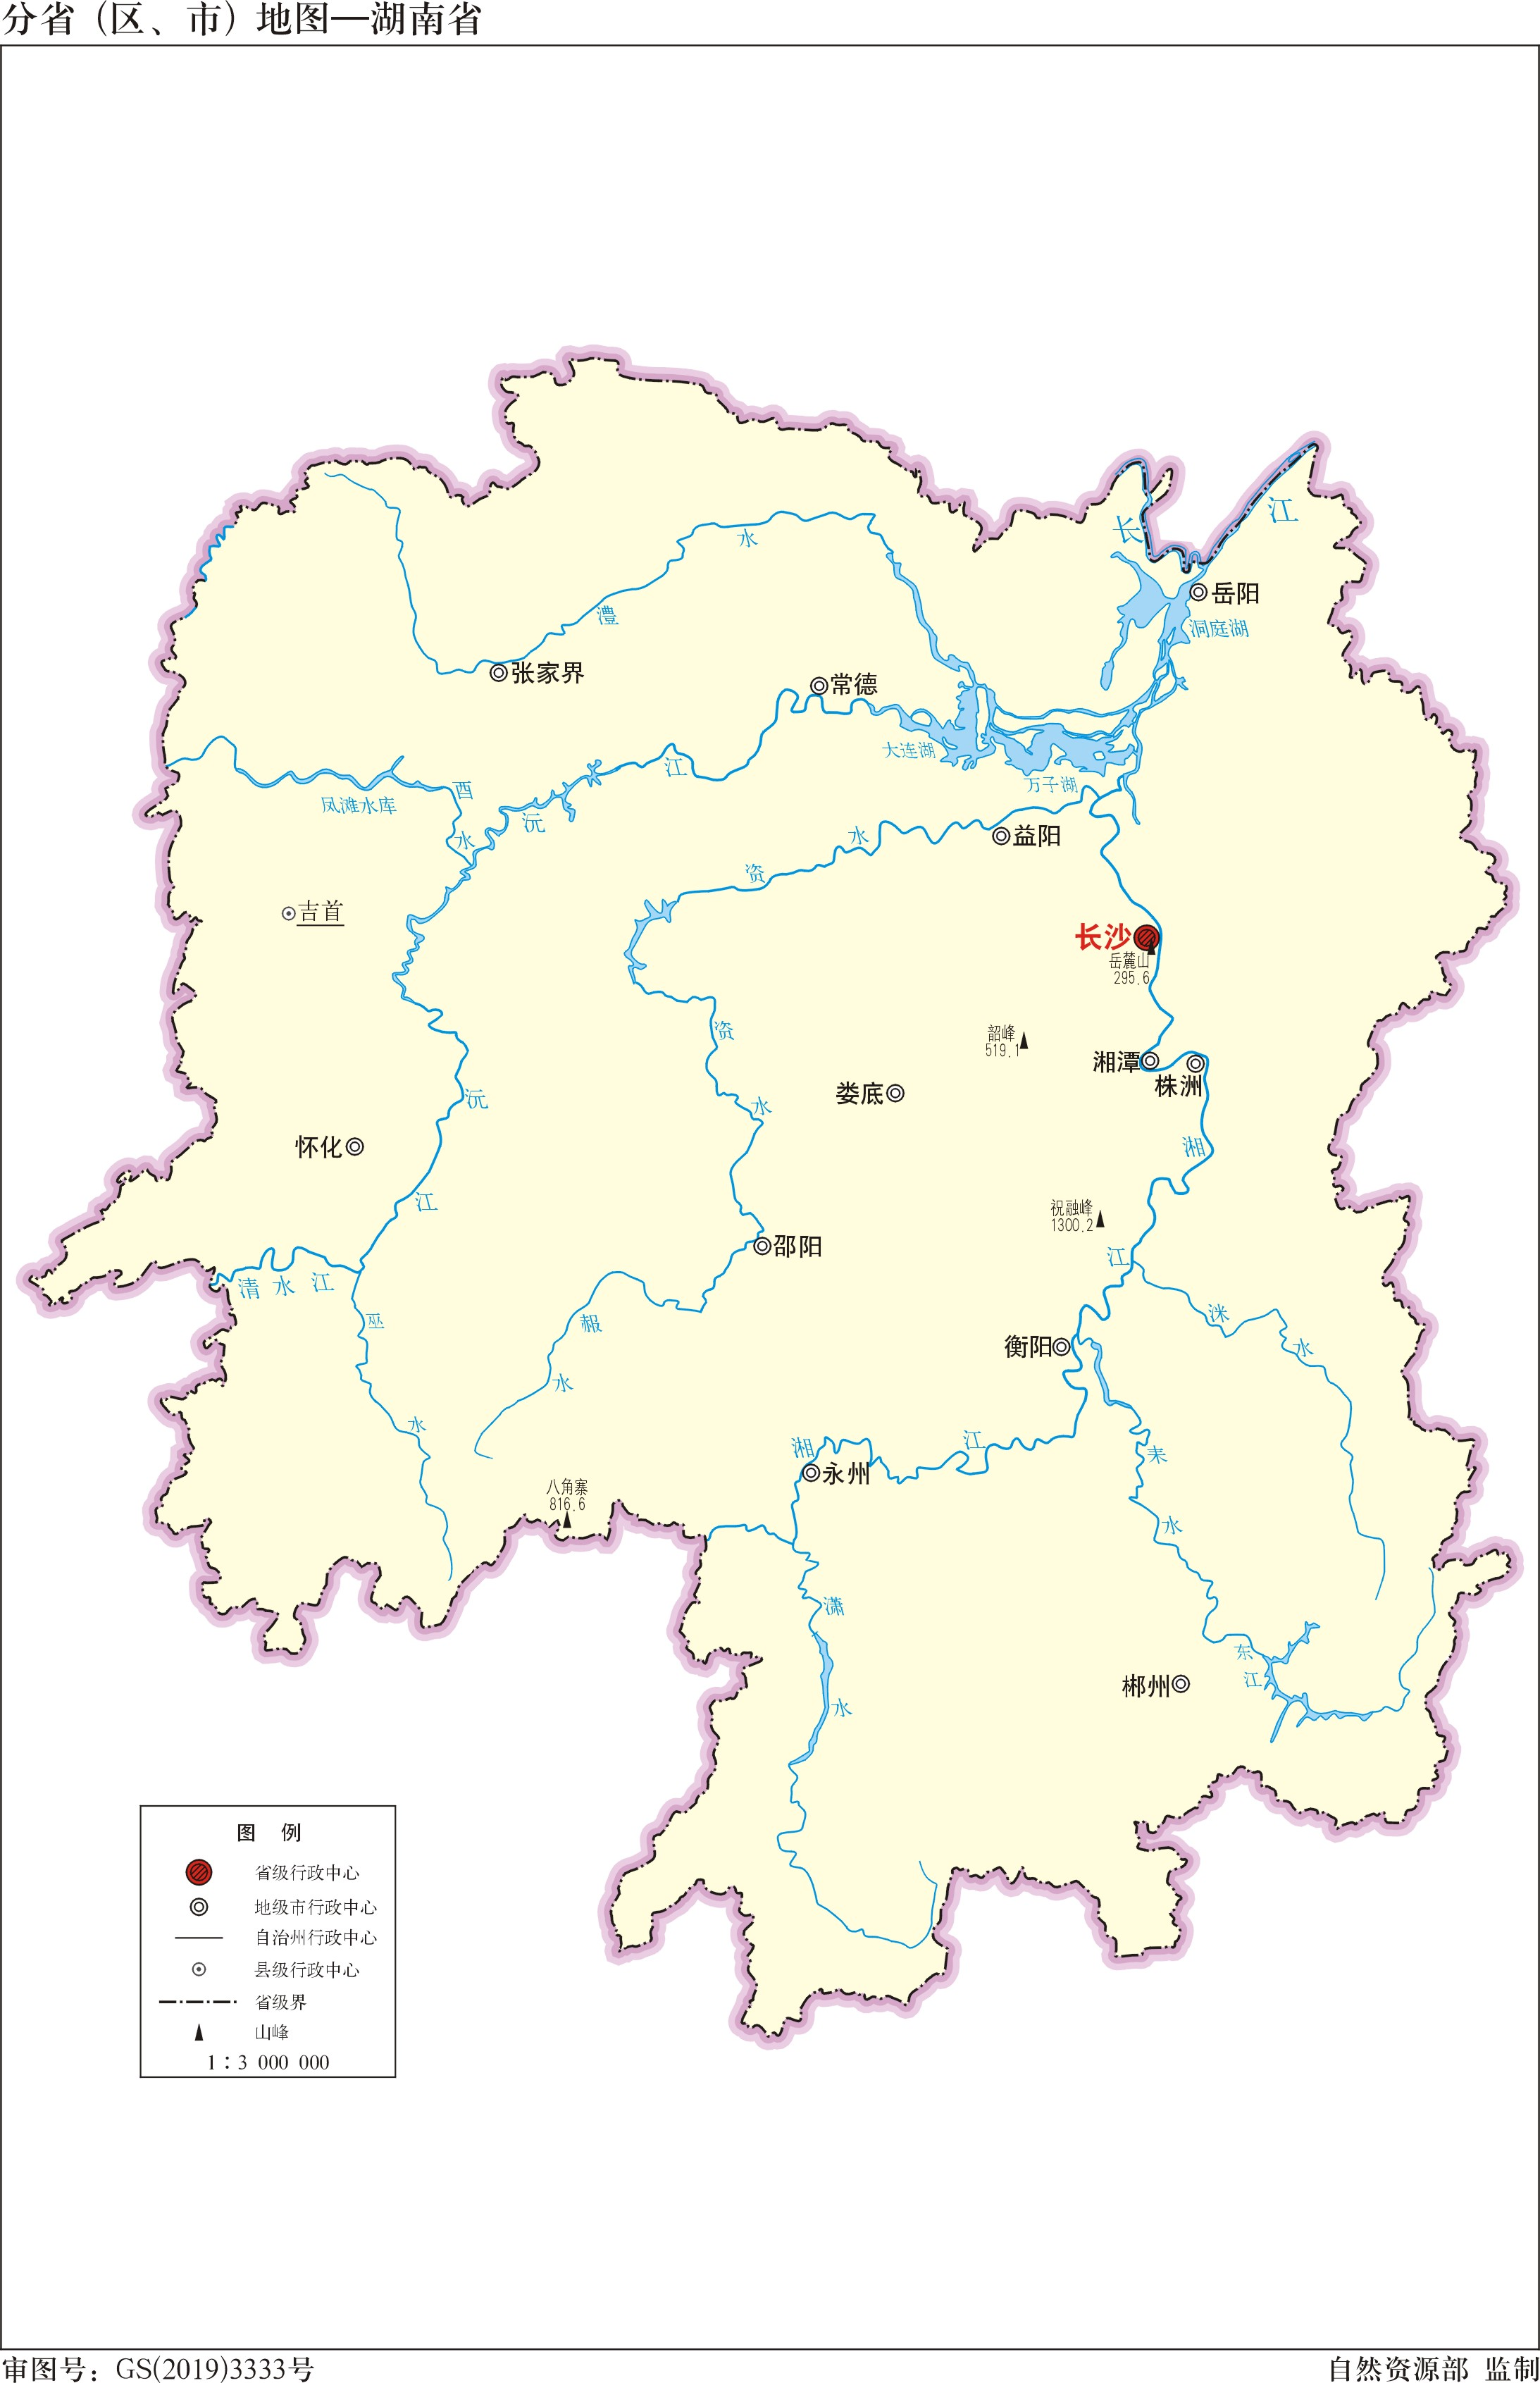 贵州省政区图_湖南省标准地图(边界版)_湖南地图库_地图窝